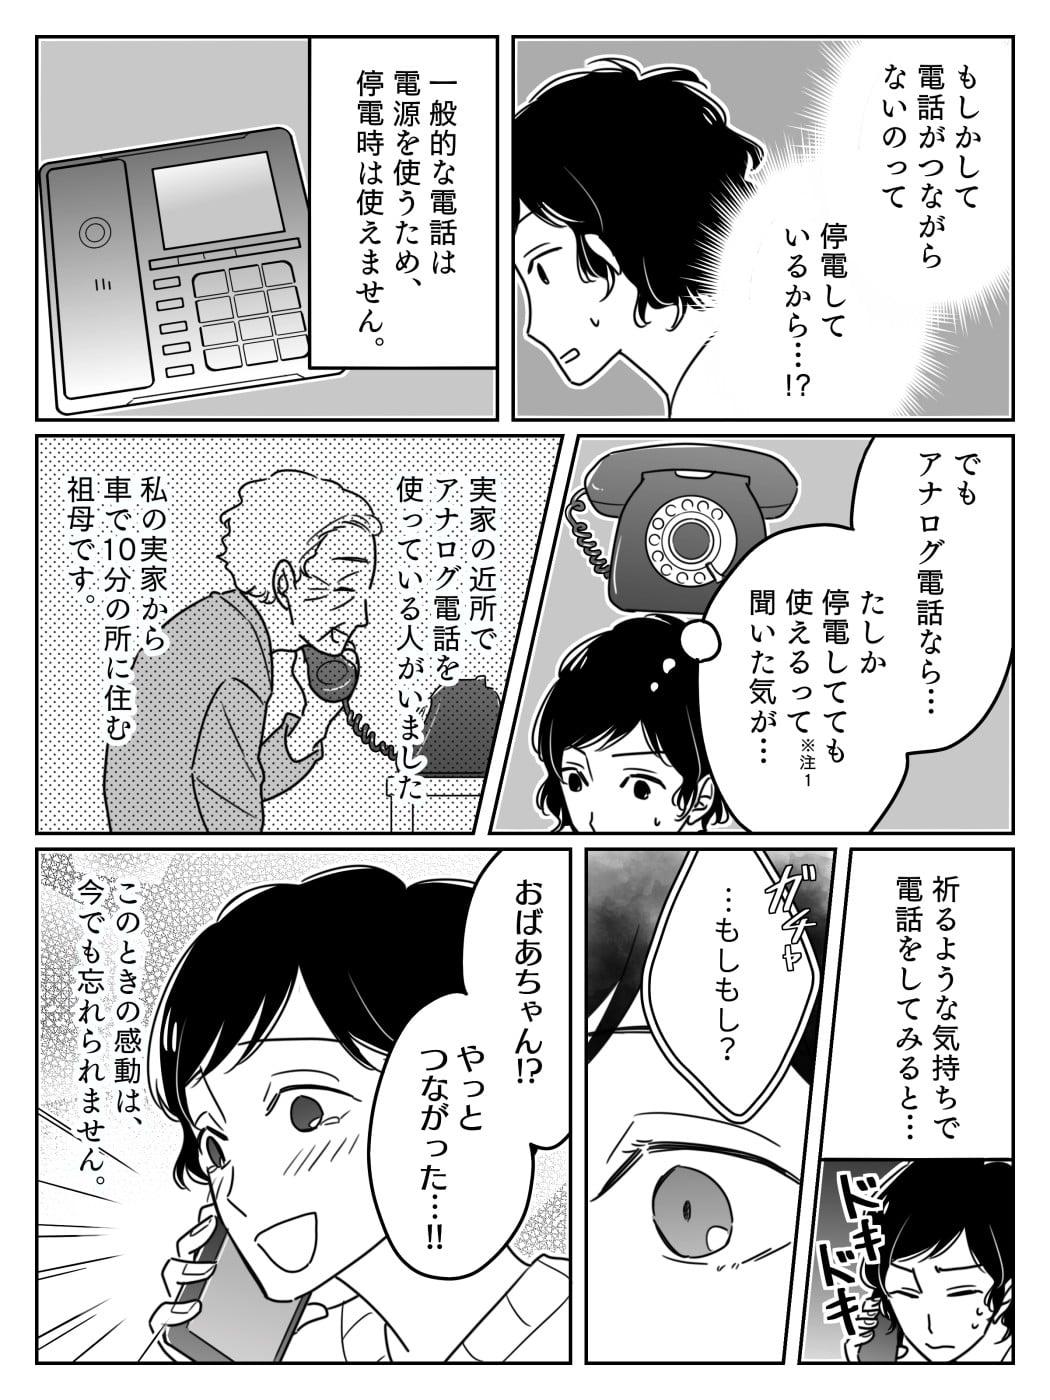 【後編】3.11東日本大震災発生…両親の安否がわからない!そんなとき役立ったのは #あれから私は